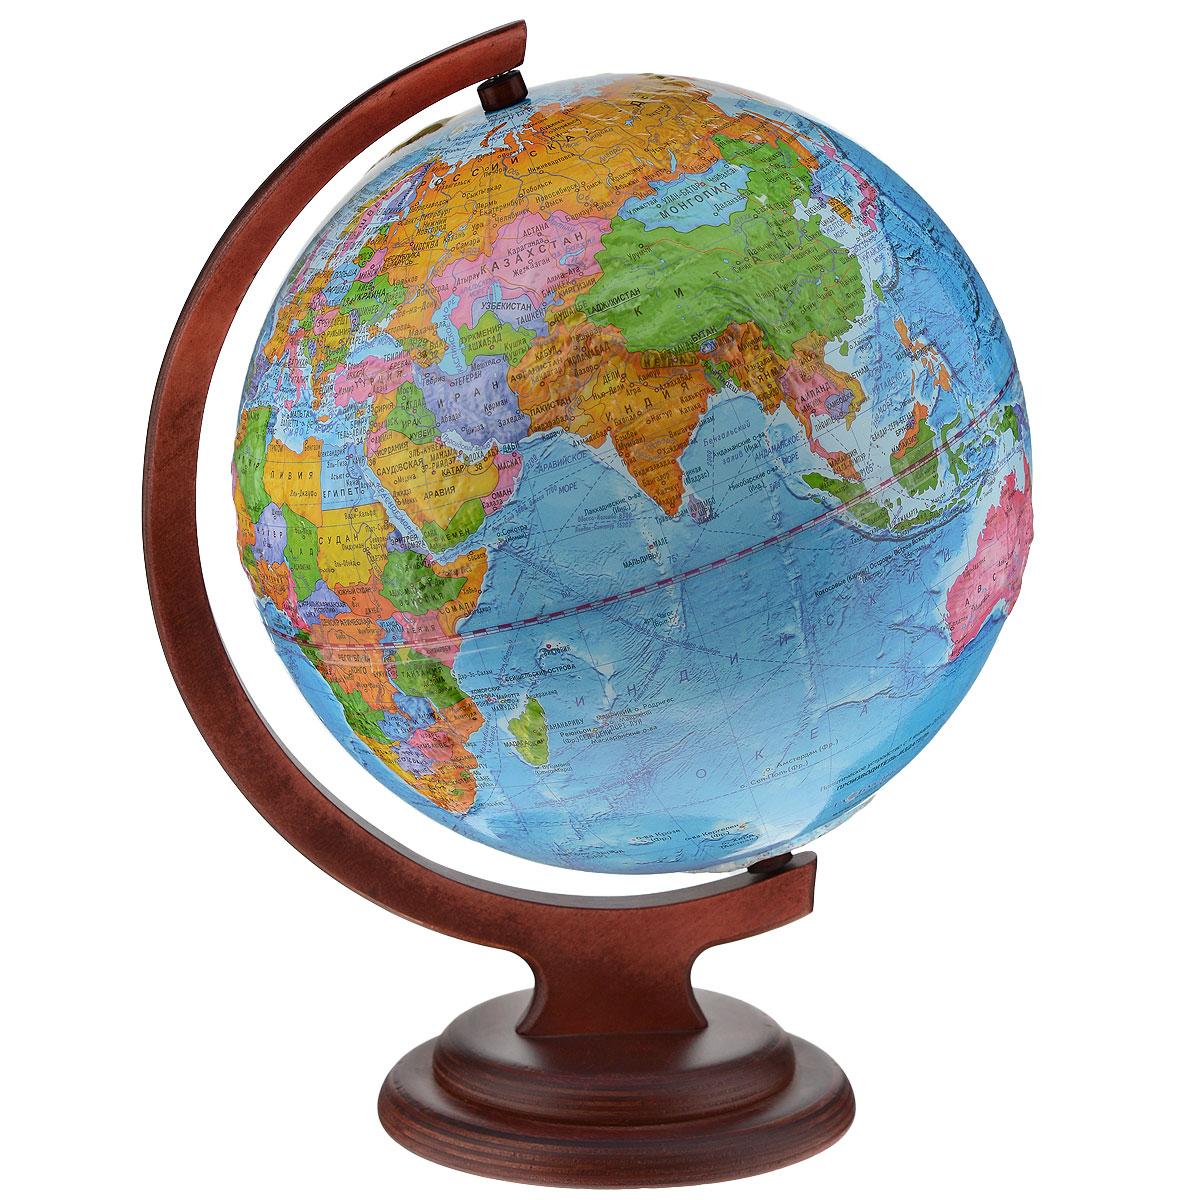 Глобусный мир Глобус с политической картой мира, рельефный, диаметр 25 см, на деревянной подставке10190Глобус с политической картой мира Глобусный мир, изготовленный из высококачественного прочного пластика, показывает страны мира, сухопутные и морские границы того или иного государства, расположение городов и населенных пунктов. На нем отображены картографические линии: параллели и меридианы, а также градусы и условные обозначения. Каждая страна обозначена своим цветом. Глобус с политической картой мира станет незаменимым атрибутом обучения не только школьника, но и студента. Названия стран на глобусе приведены на русской язык. Изделие расположено на красивой деревянной подставке, что придает этой модели подарочный вид. Настольный глобус Глобусный мир станет оригинальным украшением рабочего стола или вашего кабинета. Это изысканная вещь для стильного интерьера, которая станет прекрасным подарком для современного преуспевающего человека, следующего последним тенденциям моды и стремящегося к элегантности и комфорту в каждой детали. Масштаб: 1:50 000 000....